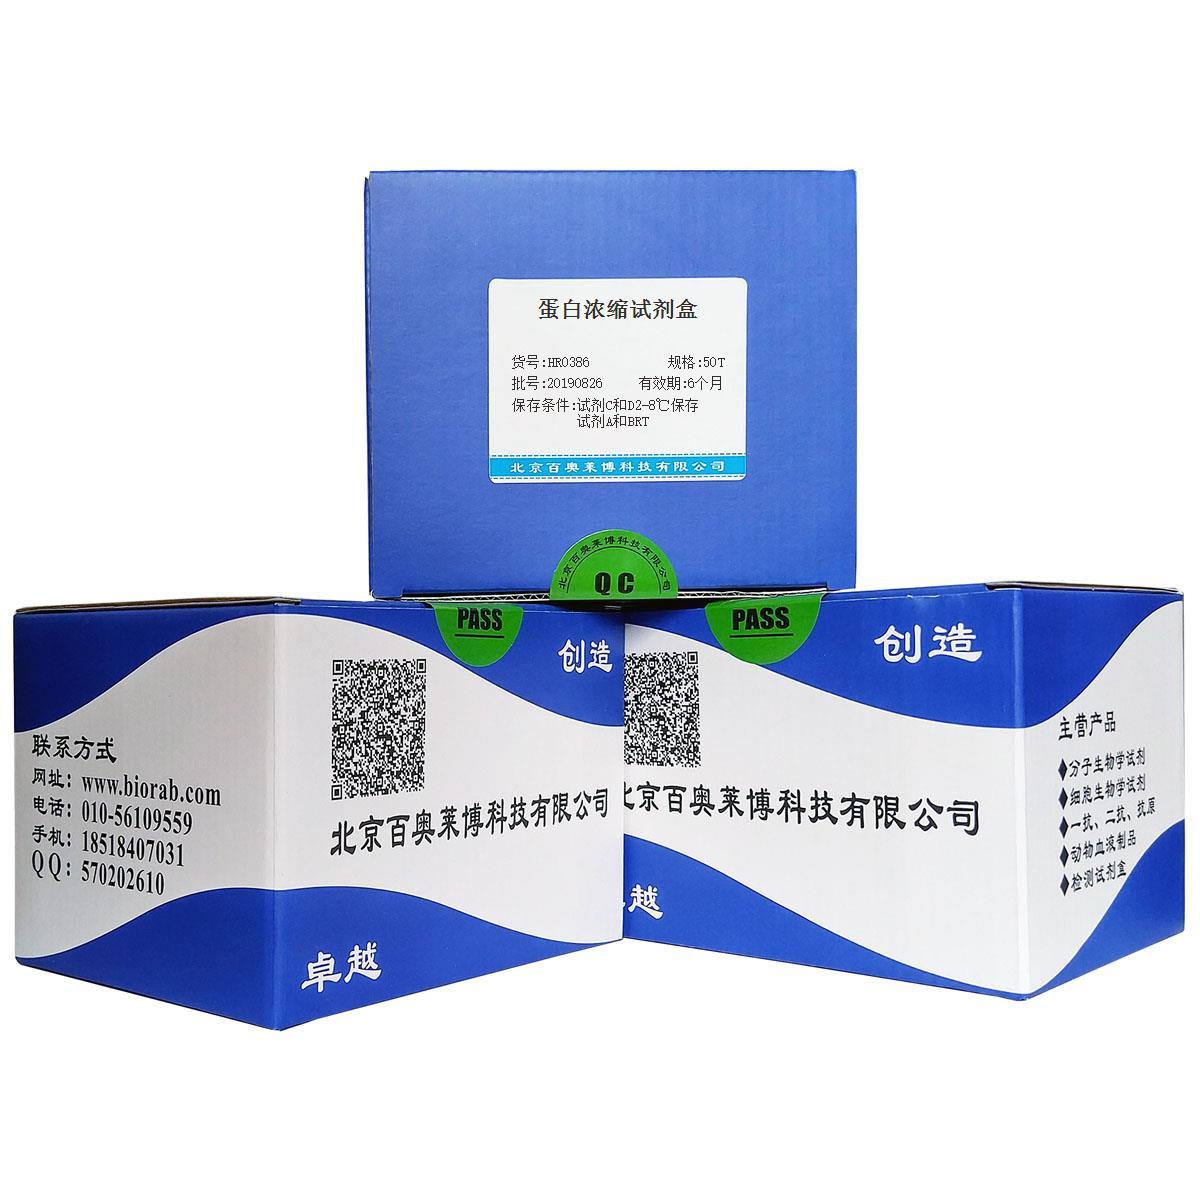 蛋白浓缩试剂盒北京品牌